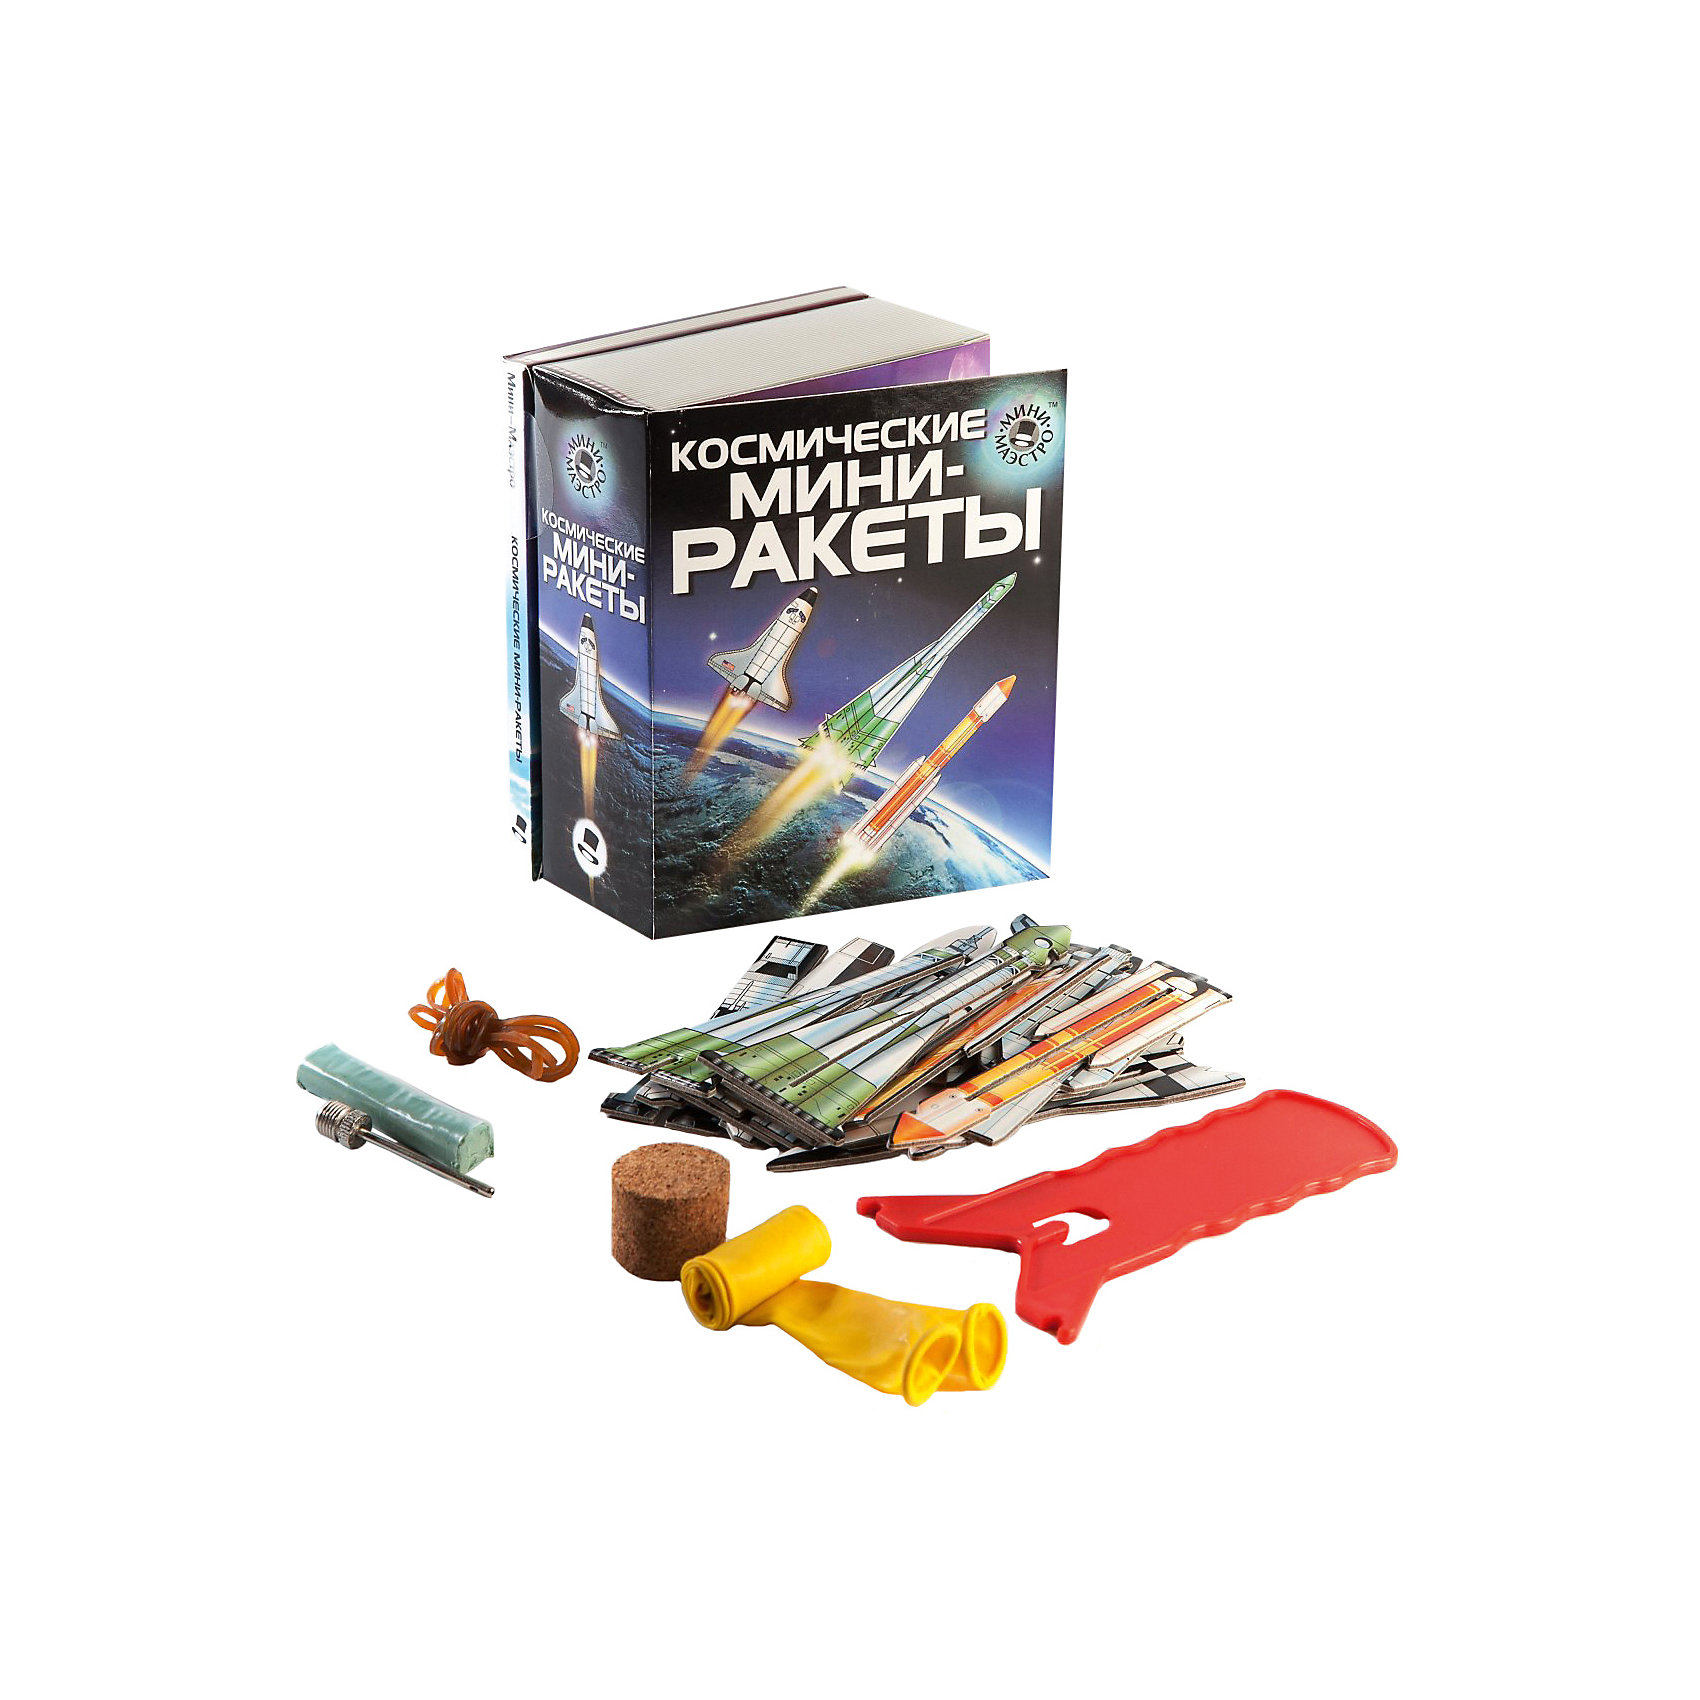 Набор Космические мини-ракетыМини-маэстро «Космические мини-ракеты»<br>В наборе есть 48-страничная книга о космических ракетах и 8 ракет для запуска. Ты узнаешь о принципе реактивного движения и сможешь сконструировать собственные ракеты, работающие на сжатом воздухе.<br>Дополнительная информация:<br>В набор входит:<br>- Книга с инструкциями 48 стр., цв. илл.,<br>- 8 мини-ракет, <br>- устройство для запуска, <br>- 4 резинки, <br>- 2 шарика, пробка, замазка, игольчатый клапан.<br>Размер упаковки (д/ш/в): 95 х 52 х 120 мм<br>С этим набором ты станешь экспертом по ракетам!<br><br>Ширина мм: 95<br>Глубина мм: 52<br>Высота мм: 120<br>Вес г: 300<br>Возраст от месяцев: 72<br>Возраст до месяцев: 144<br>Пол: Мужской<br>Возраст: Детский<br>SKU: 2358207